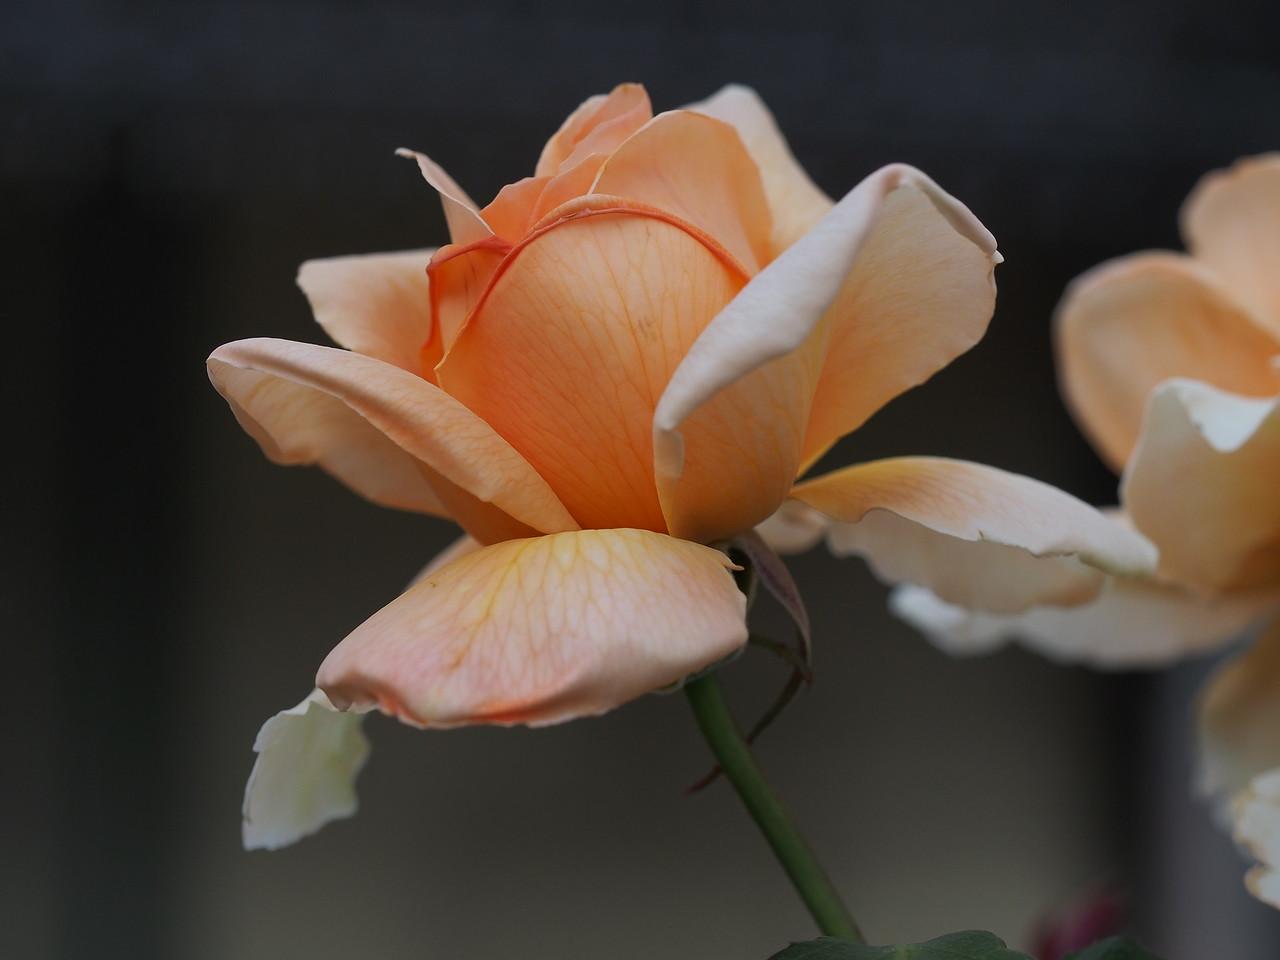 20150120_1904_0983 rose